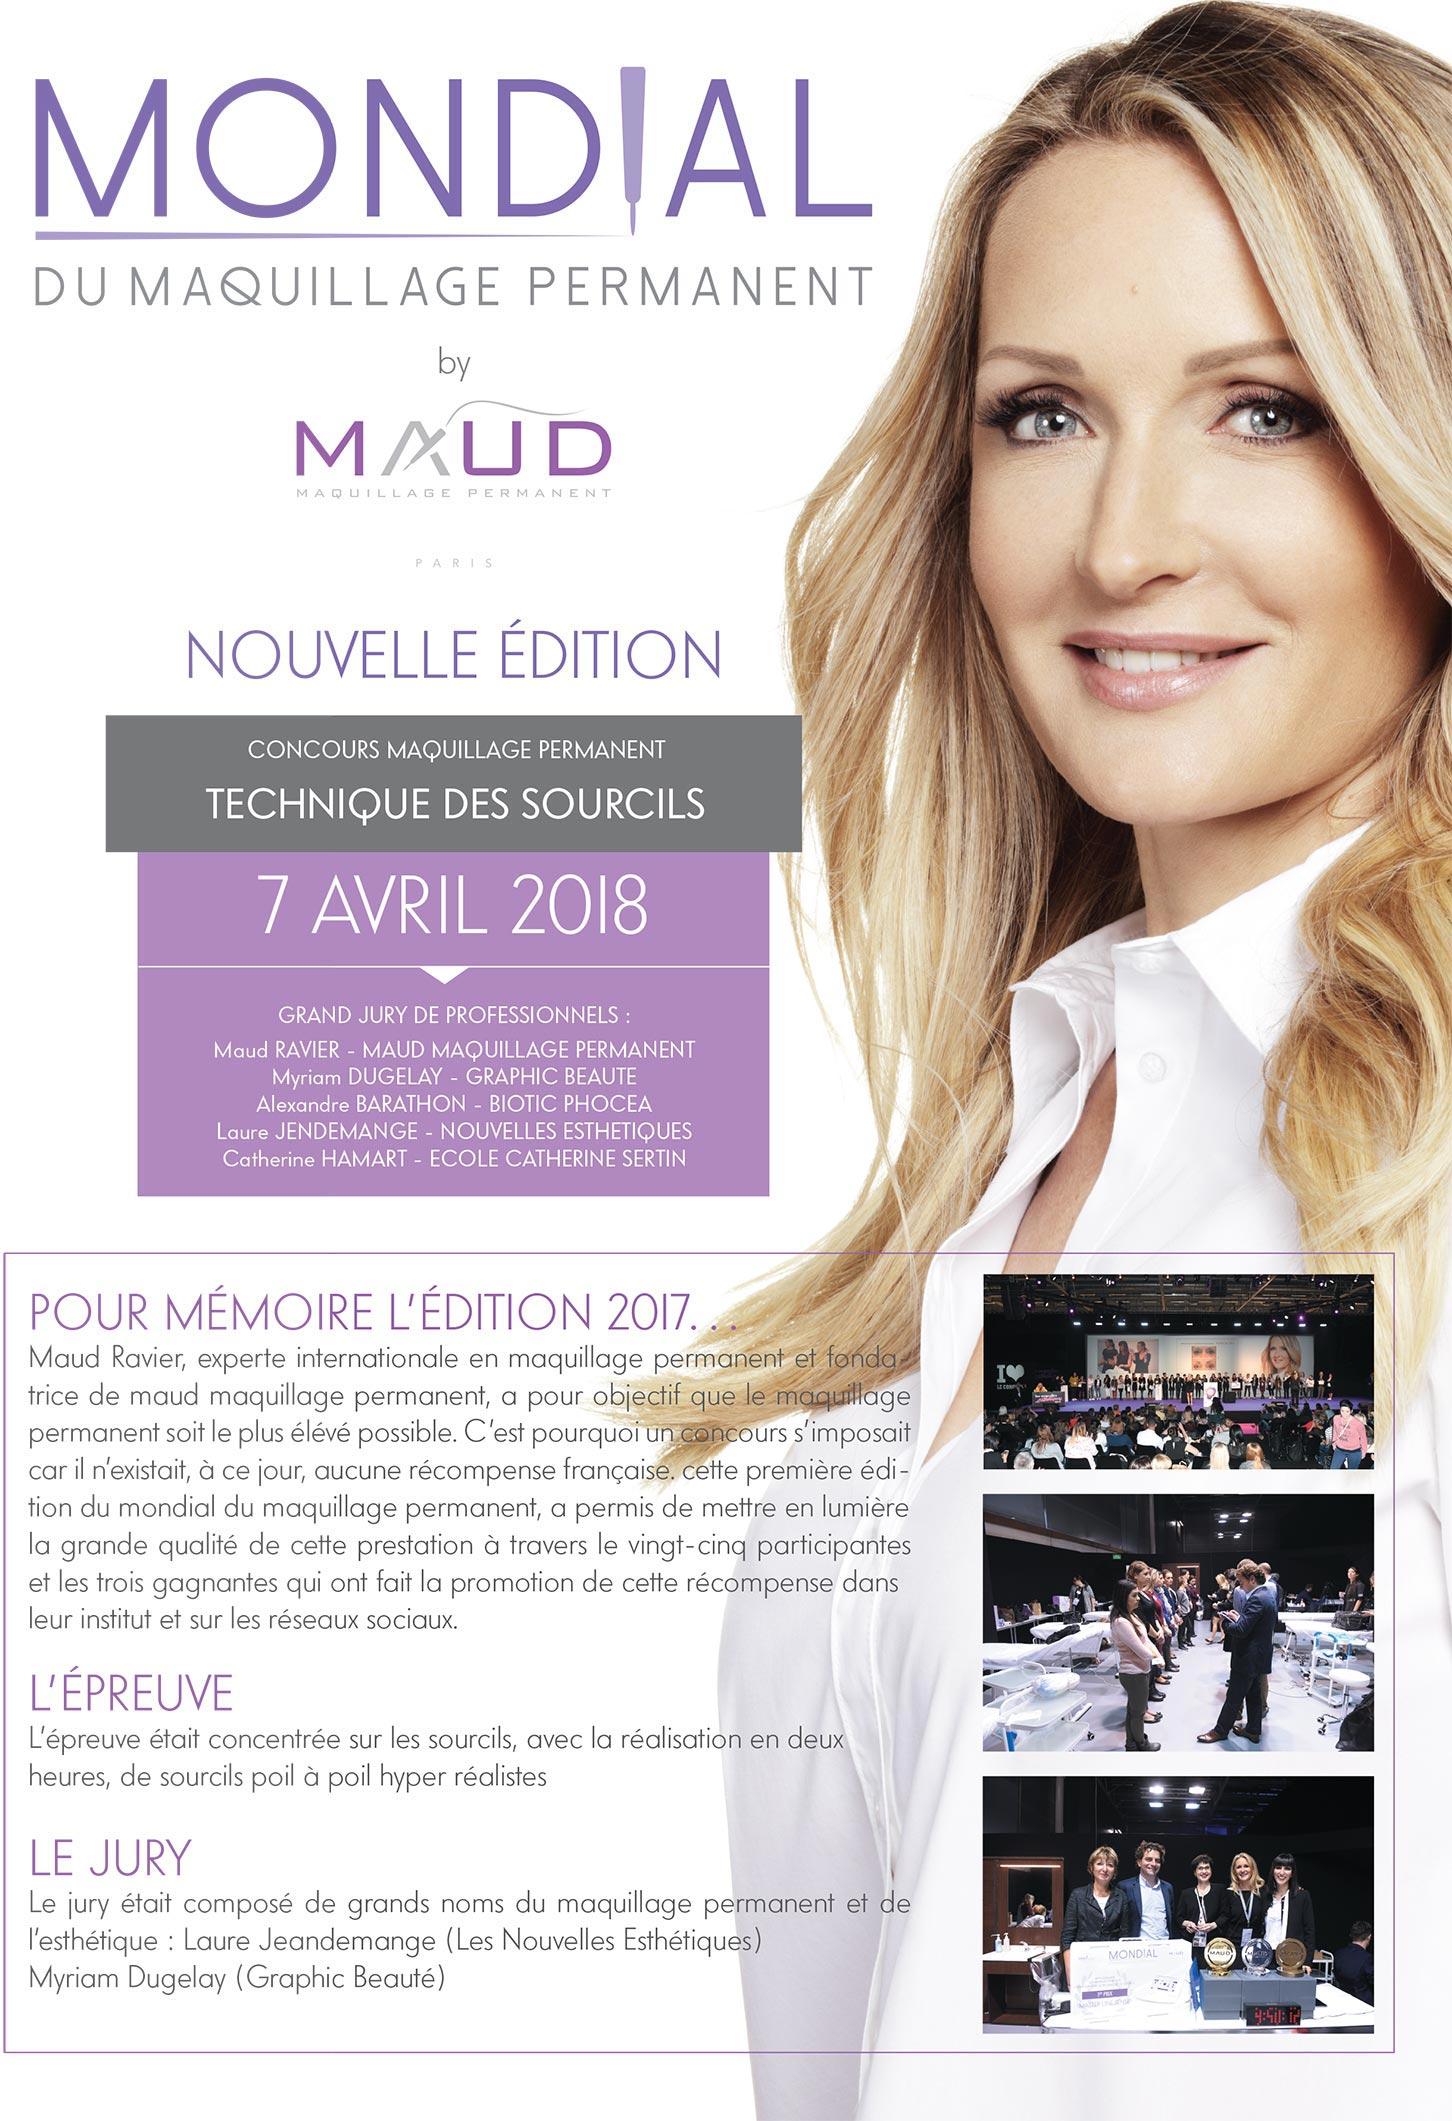 Concours Maquillage Permanent 2018, Paris